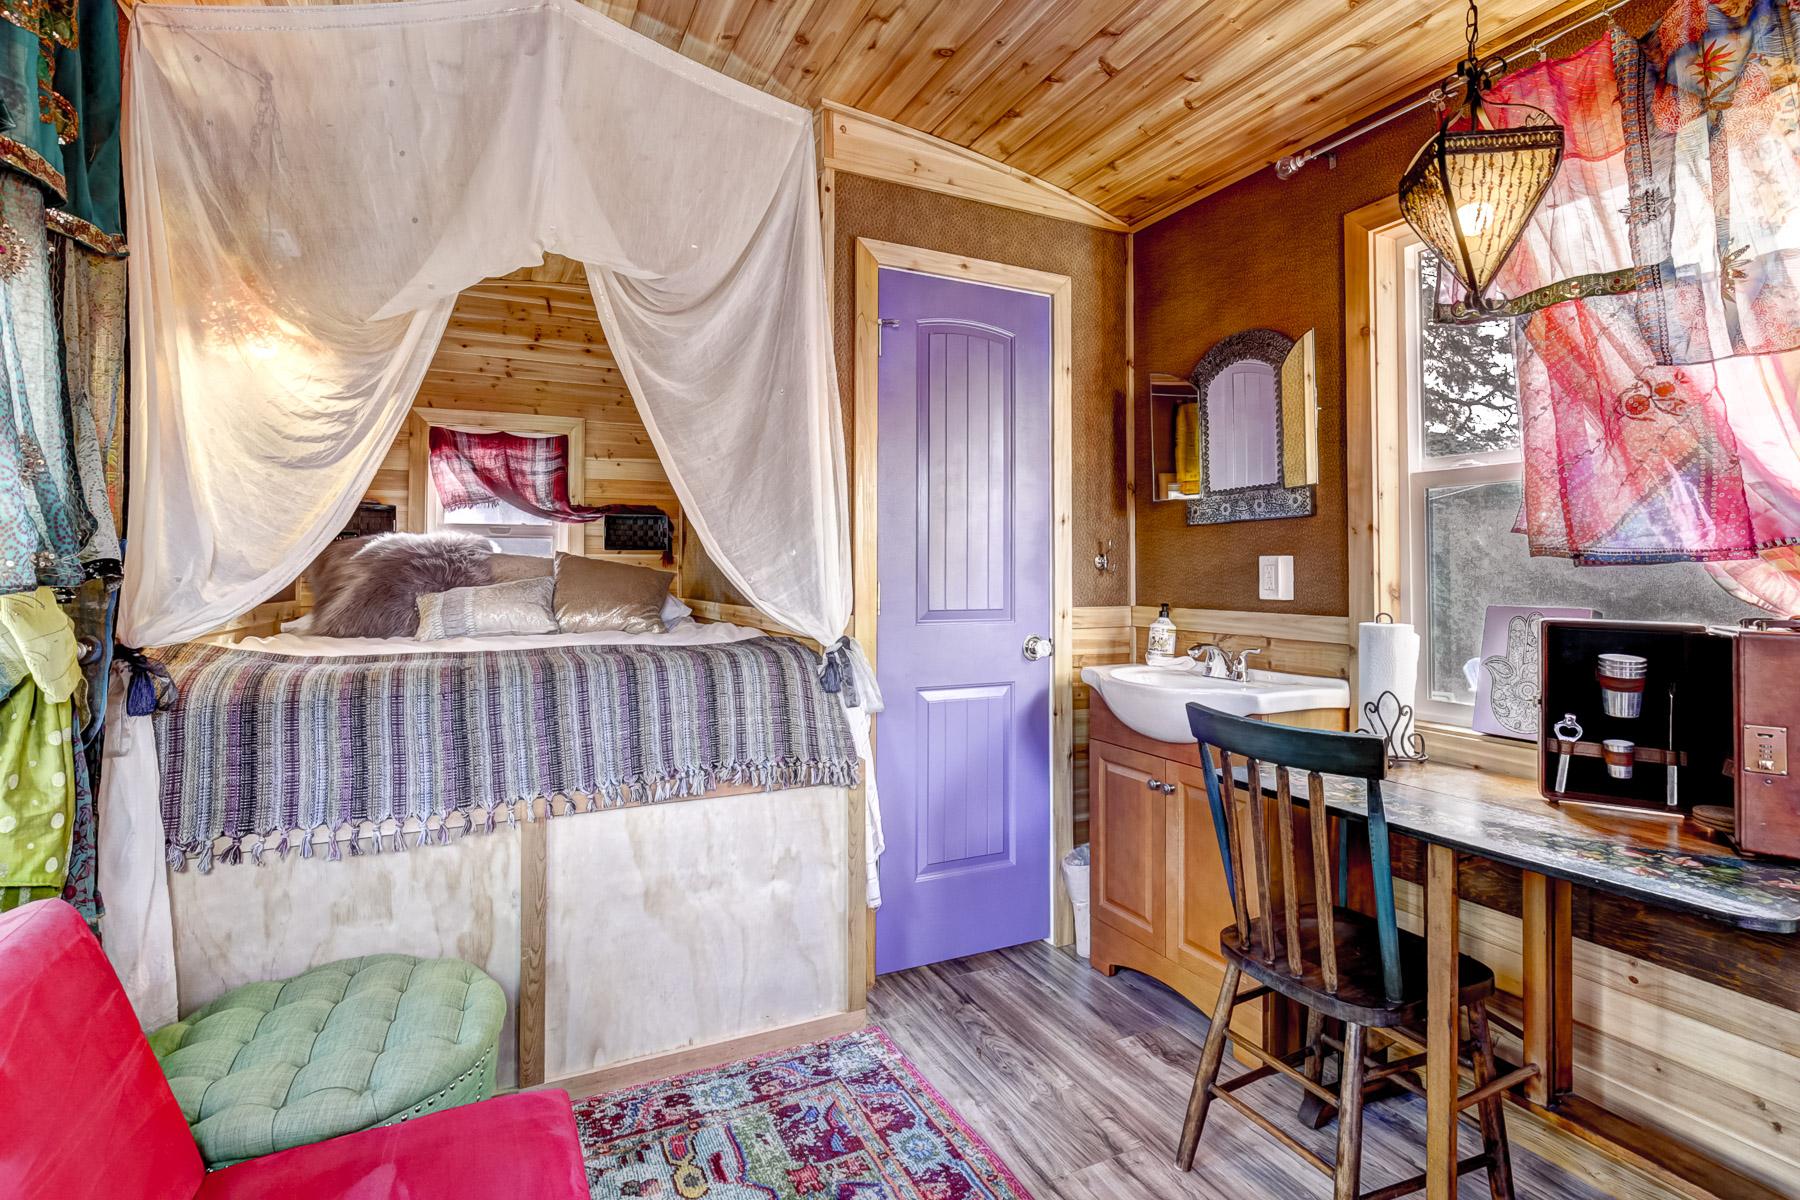 Gypsy Wagon Tiny House at Tiny Digs